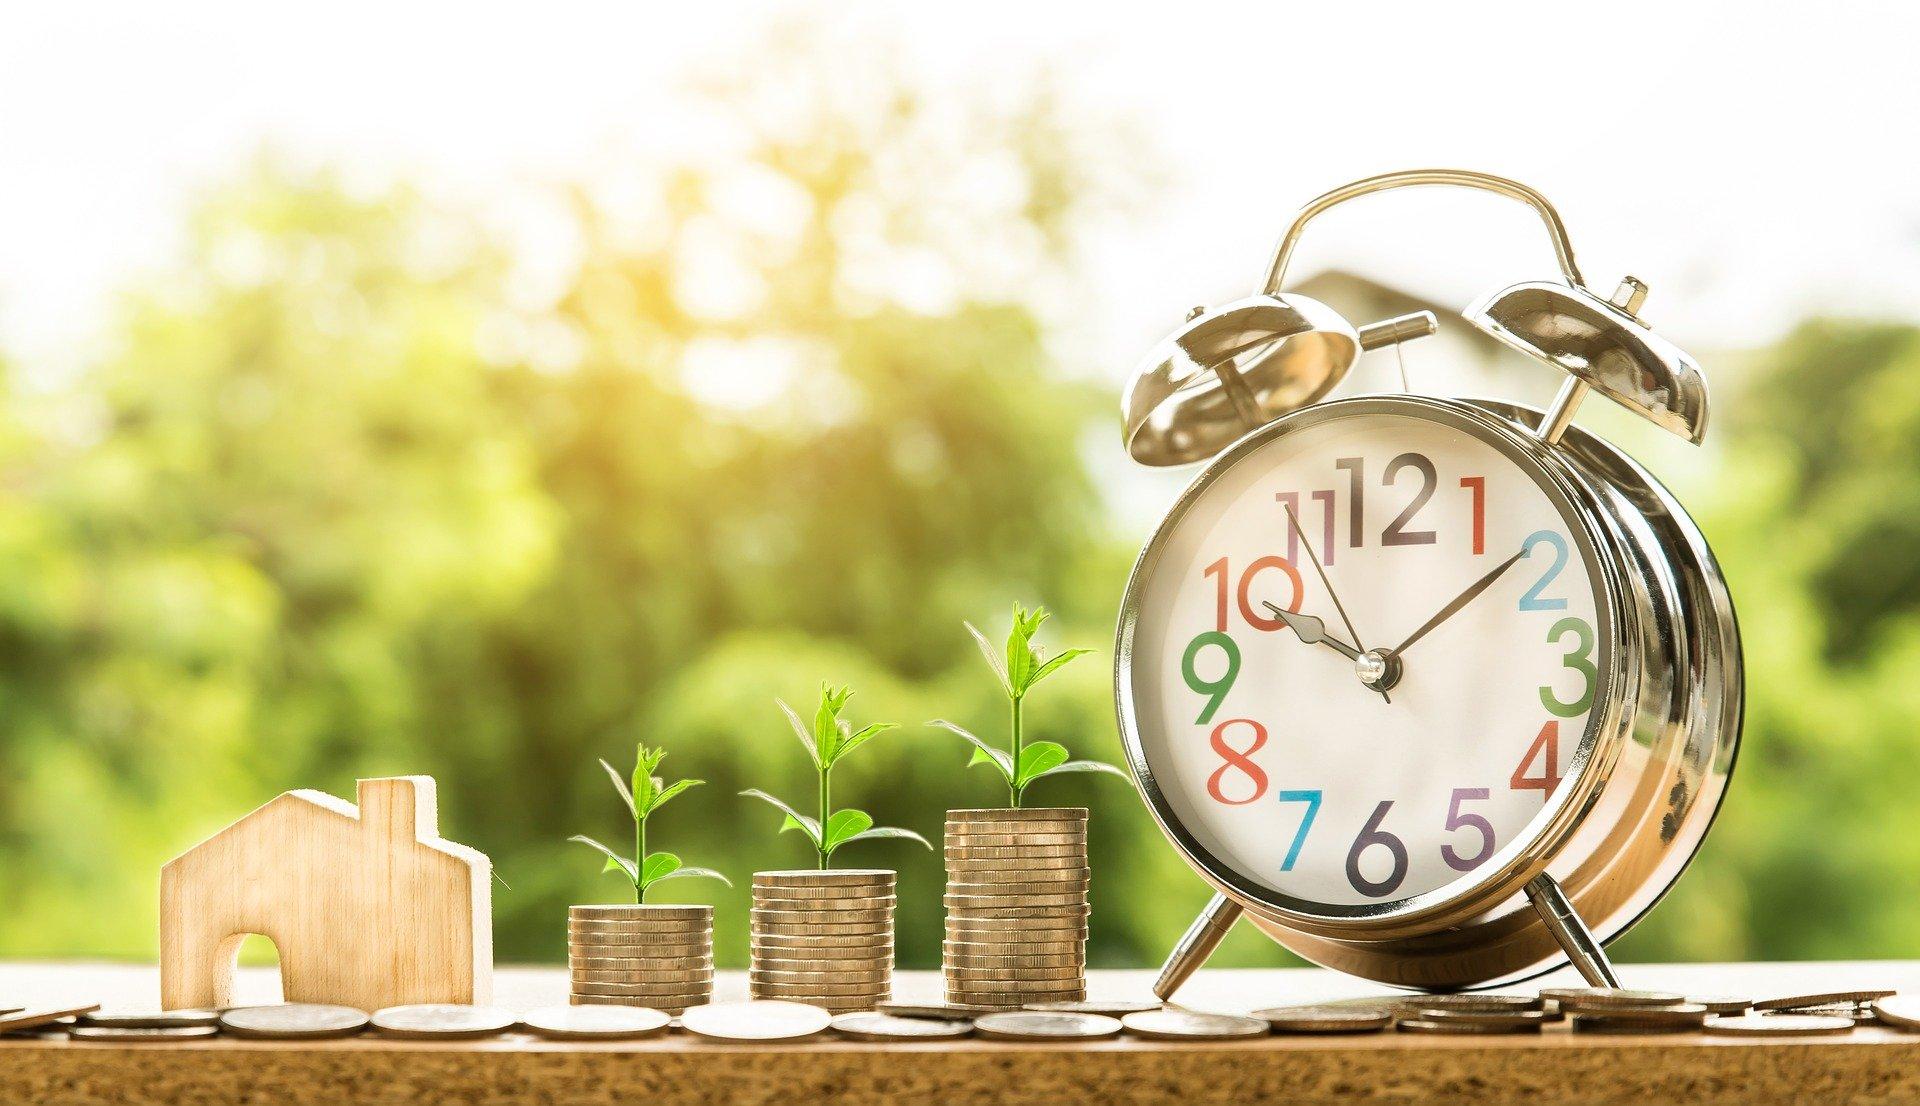 Как оптимизировать контекстную рекламу недвижимости с учетом сезонности